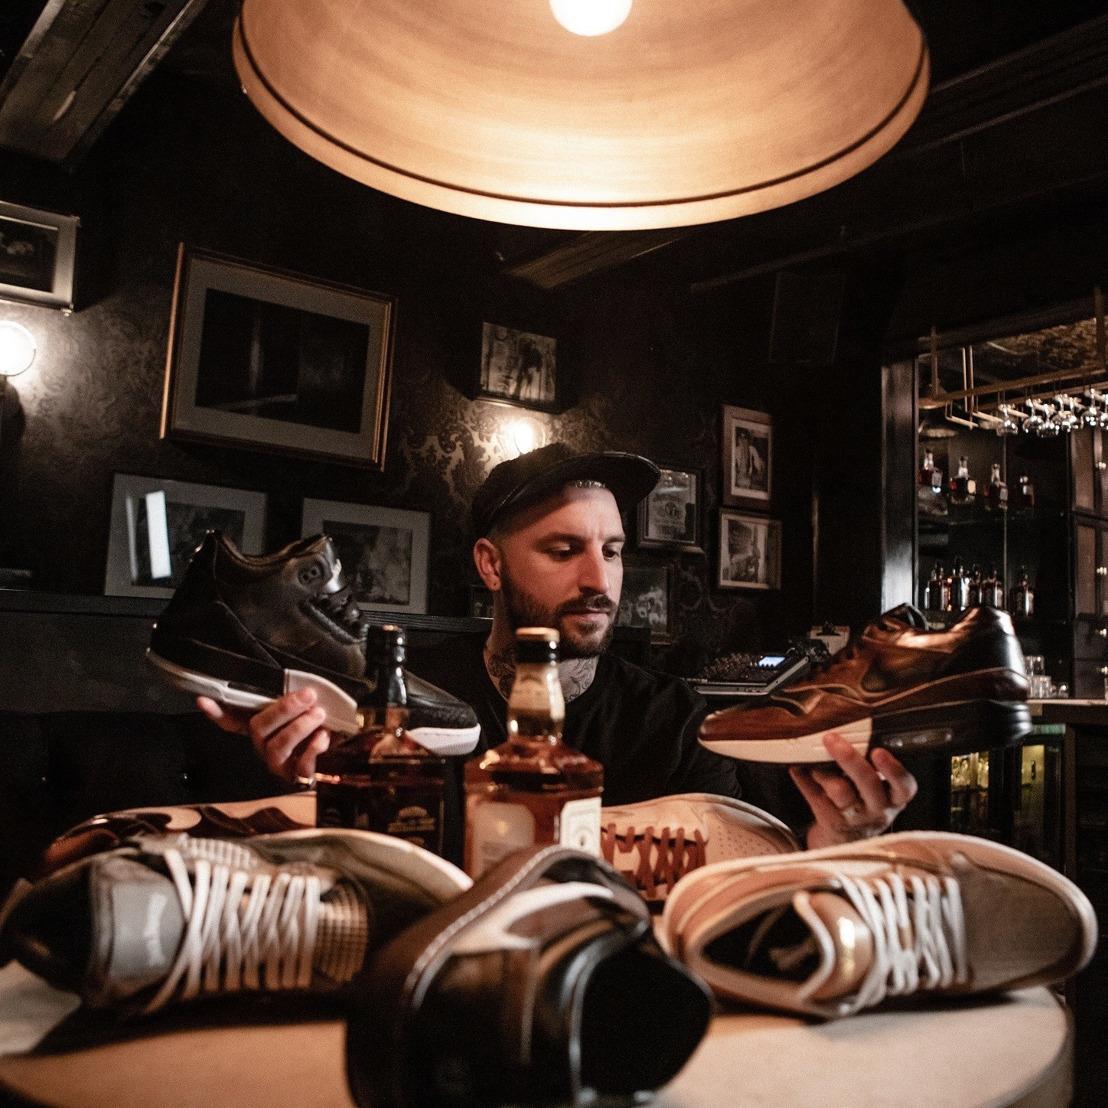 Conoce la colección de sneakers de Jack Daniel's Tennessee Old no.7 y Honey en conjunto con el reconocido diseñador The Shoe Surgeon.